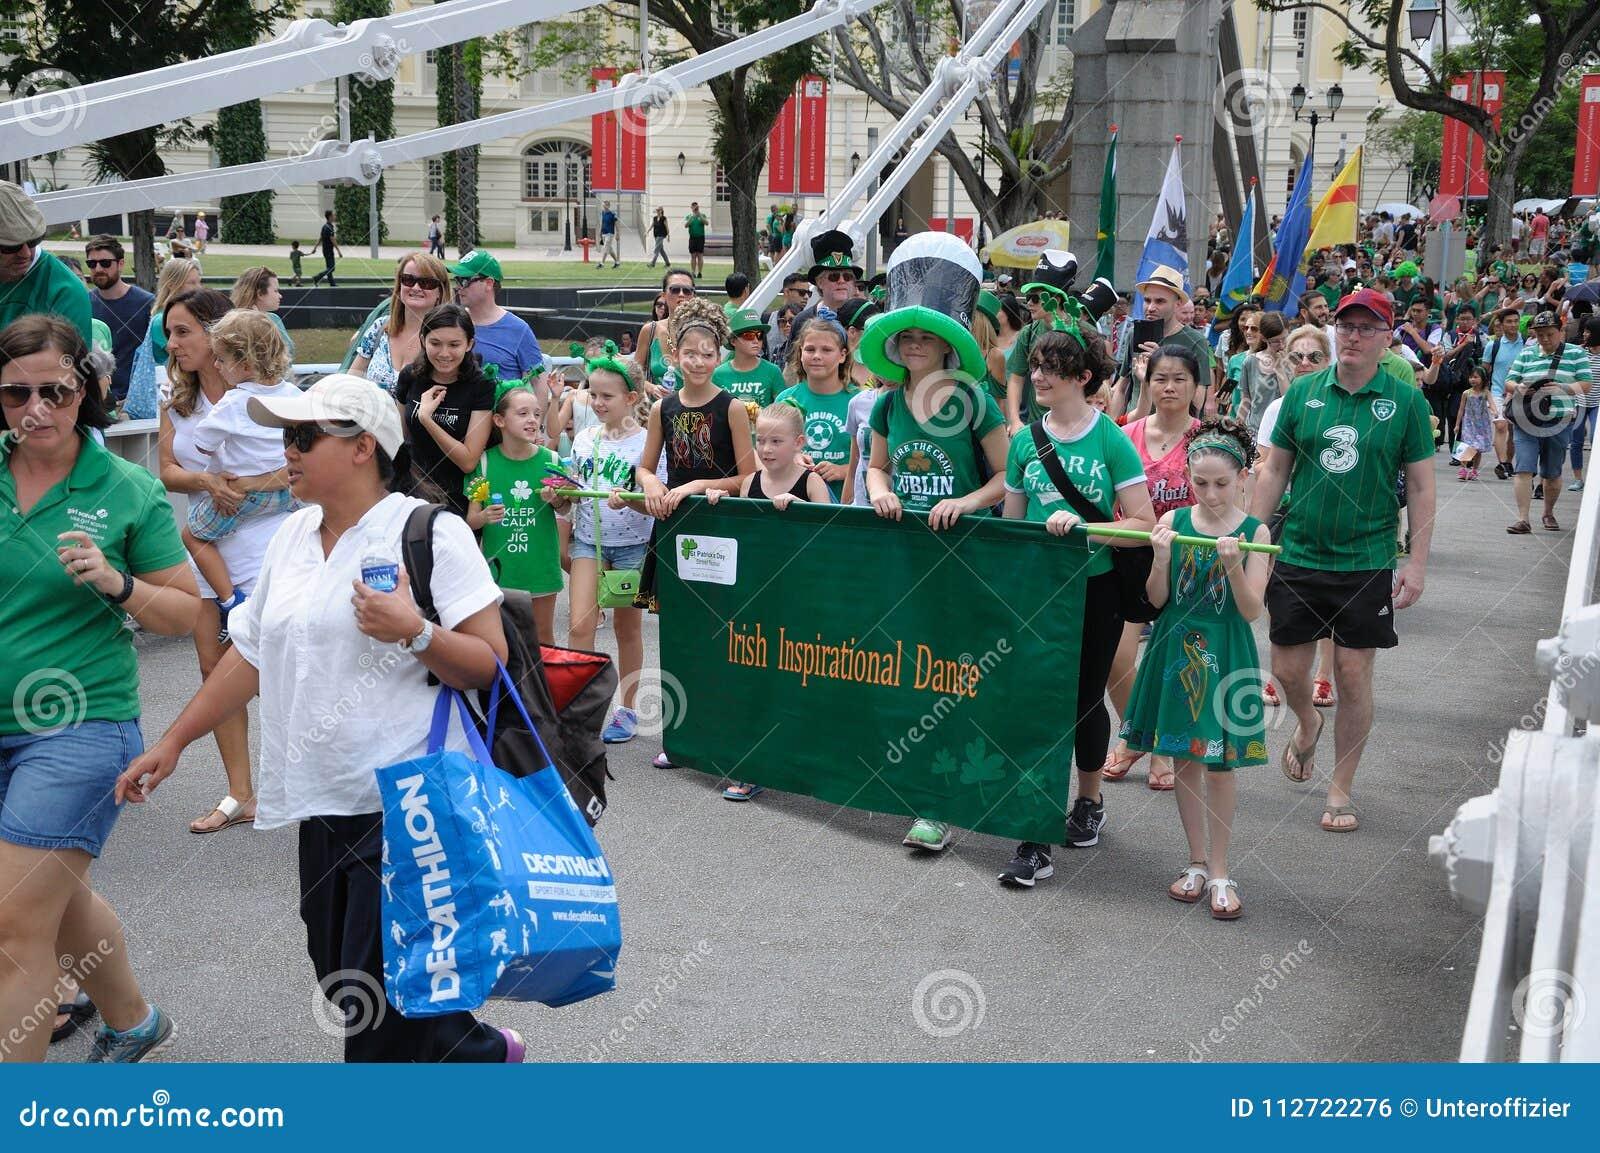 Irische inspirierend Tanz-Gruppe paraders, welche die Cavengah-Brücke in Singapur während des St- Patrick` s Tages 2018 kreuzen